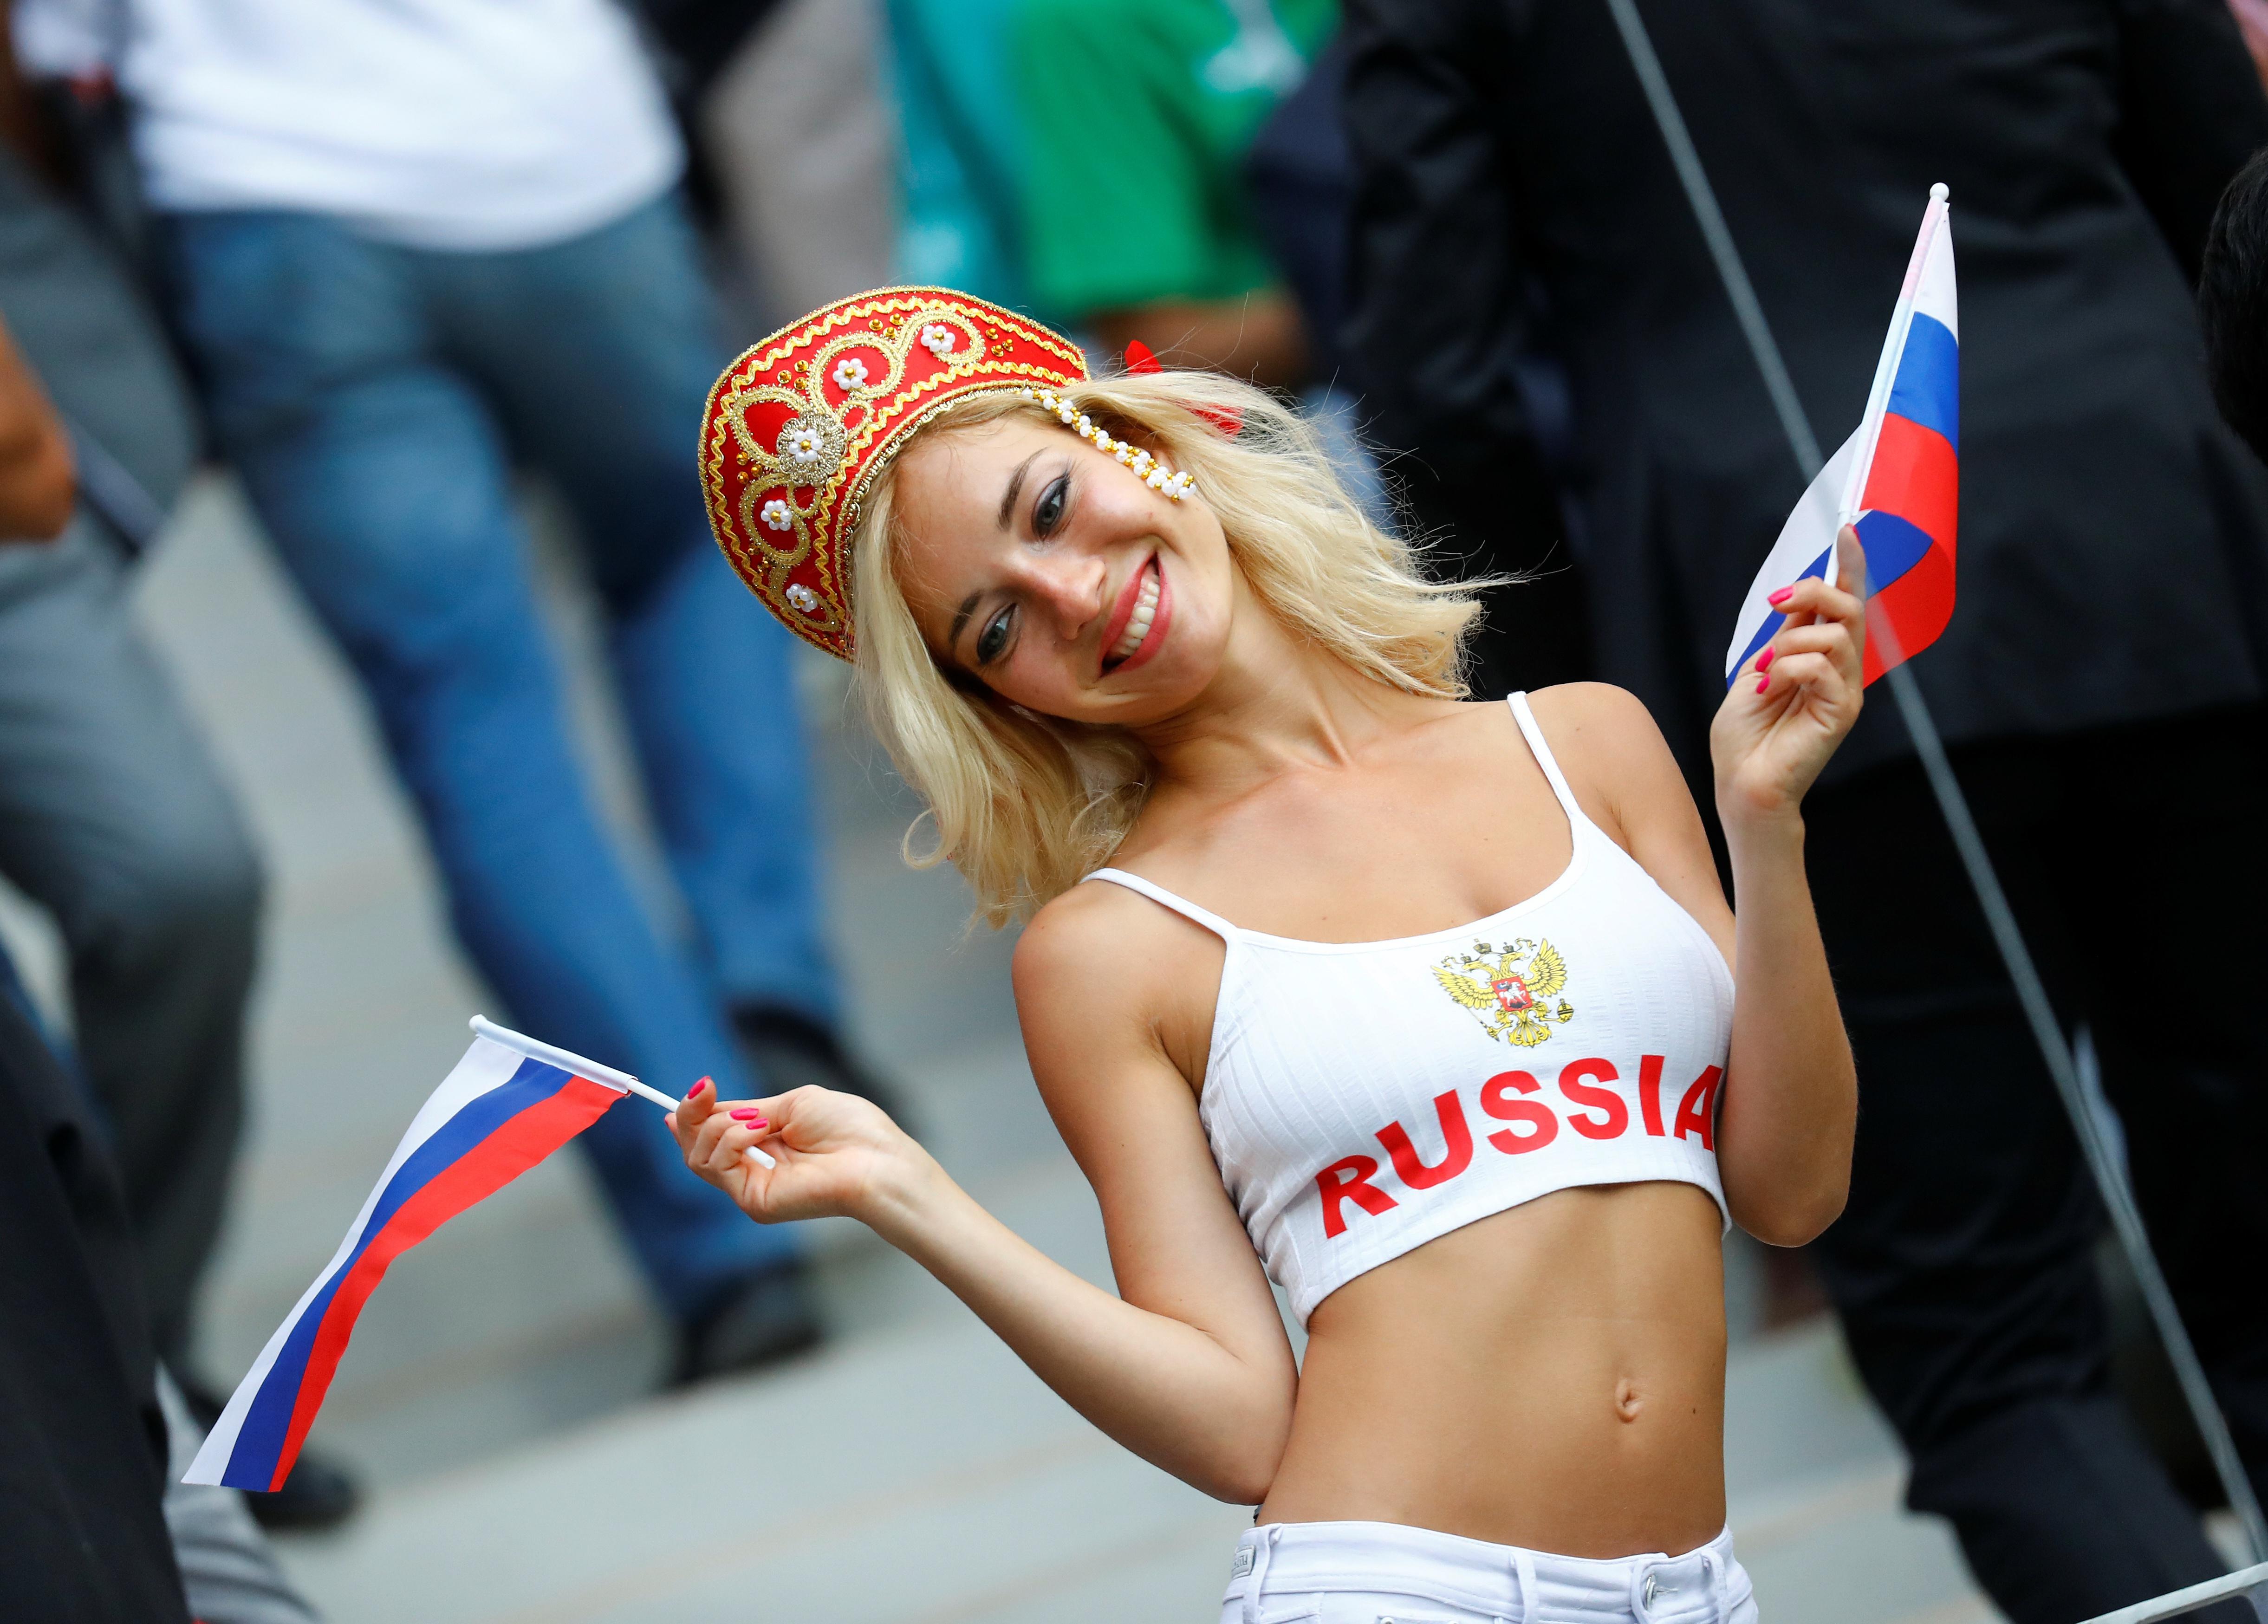 samie-krasivie-pukayushie-devushki-rossii-matyurki-zhirnie-foto